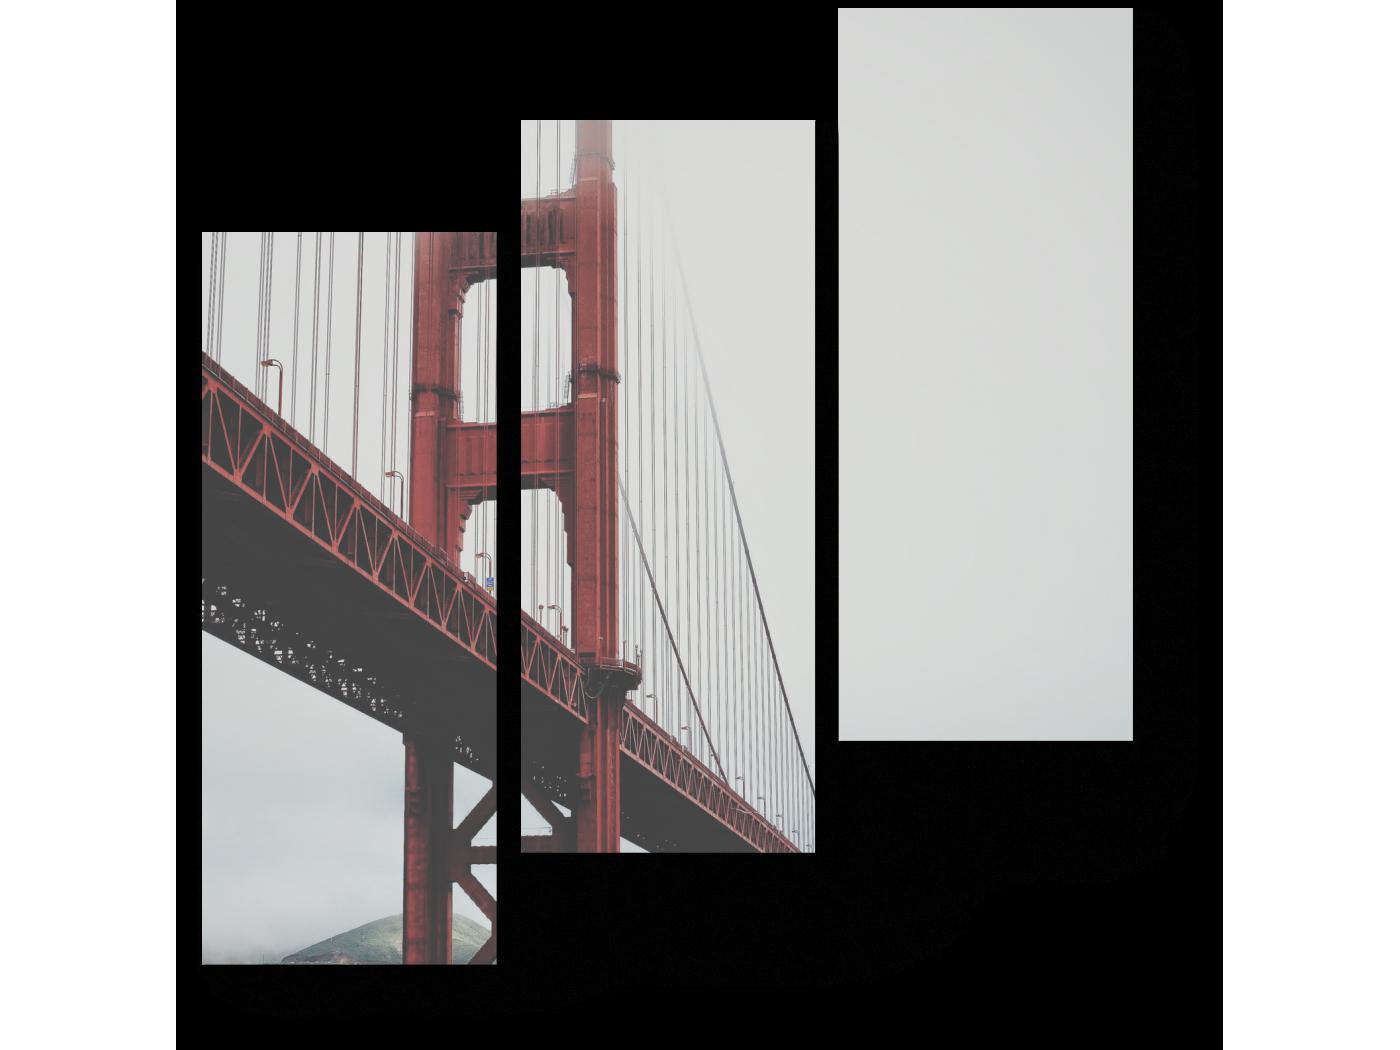 Модульная картина Мост через время (60x64) фото